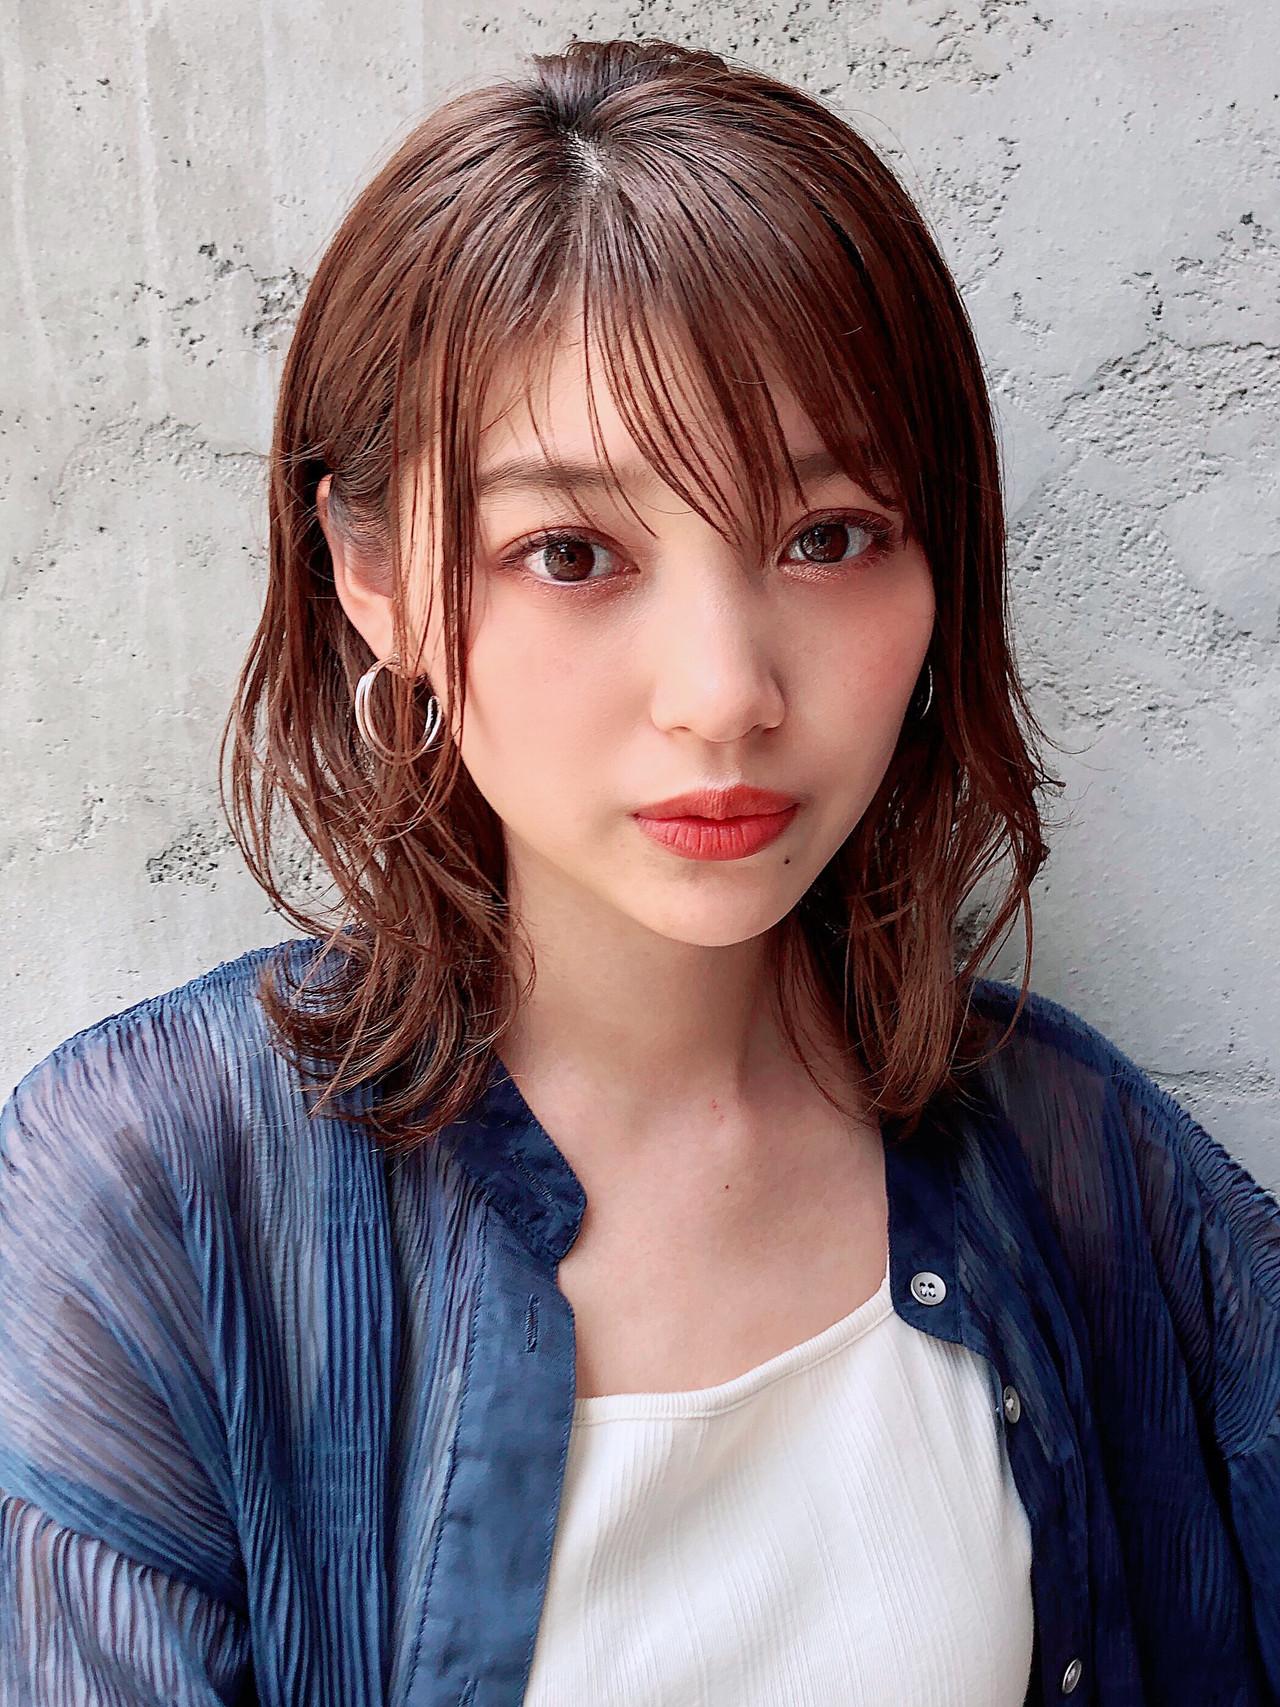 ヘアアレンジ モテ髪 エレガント 大人可愛い ヘアスタイルや髪型の写真・画像